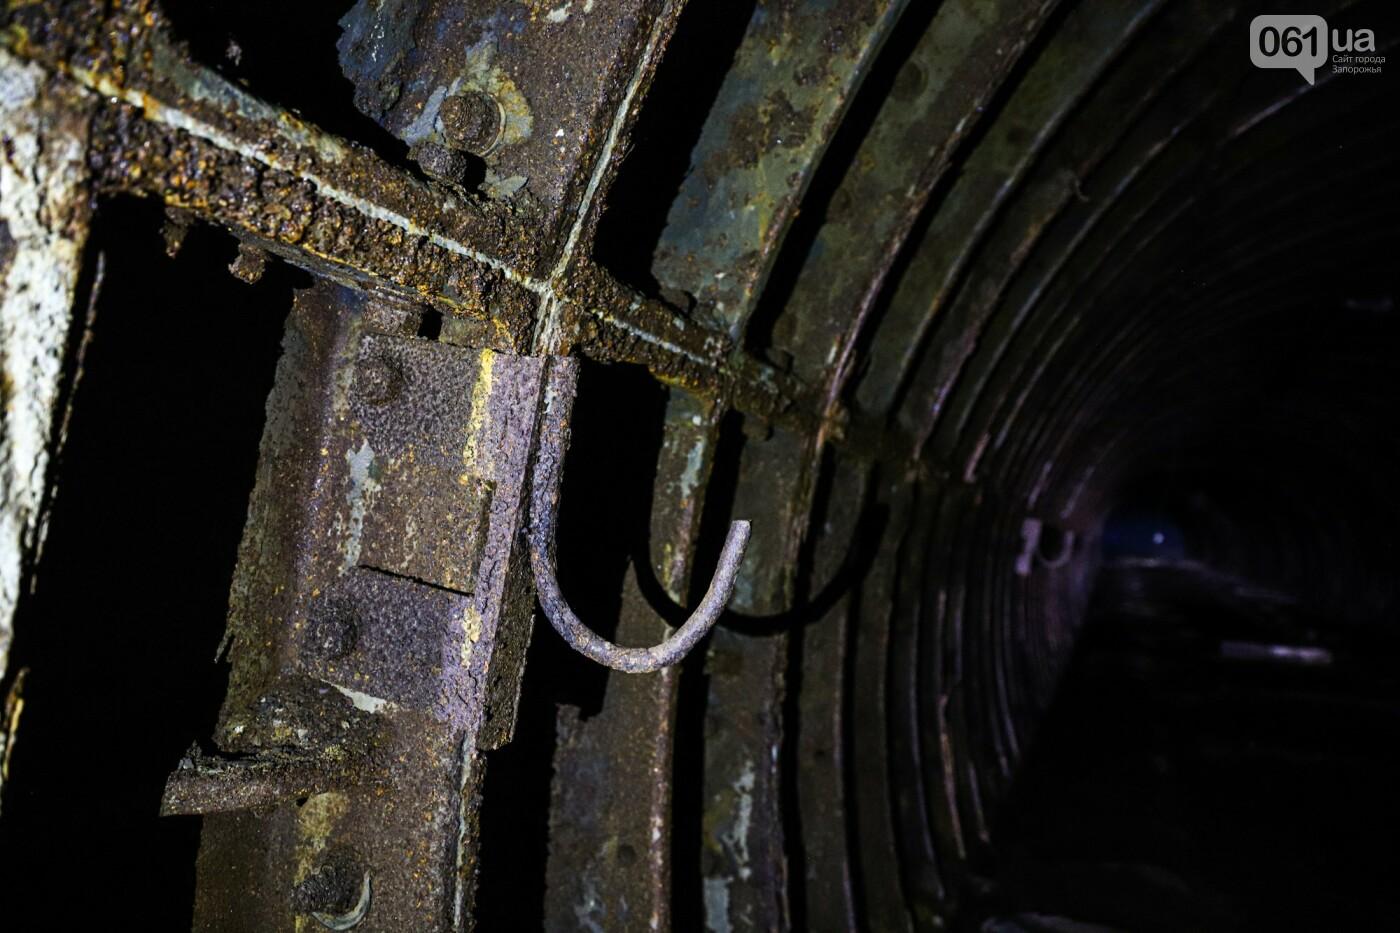 В Степногорске пытаются разобрать на металлолом шахту - промплощадка ГОКа превратилась в руины, - ФОТОРЕПОРТАЖ , фото-14